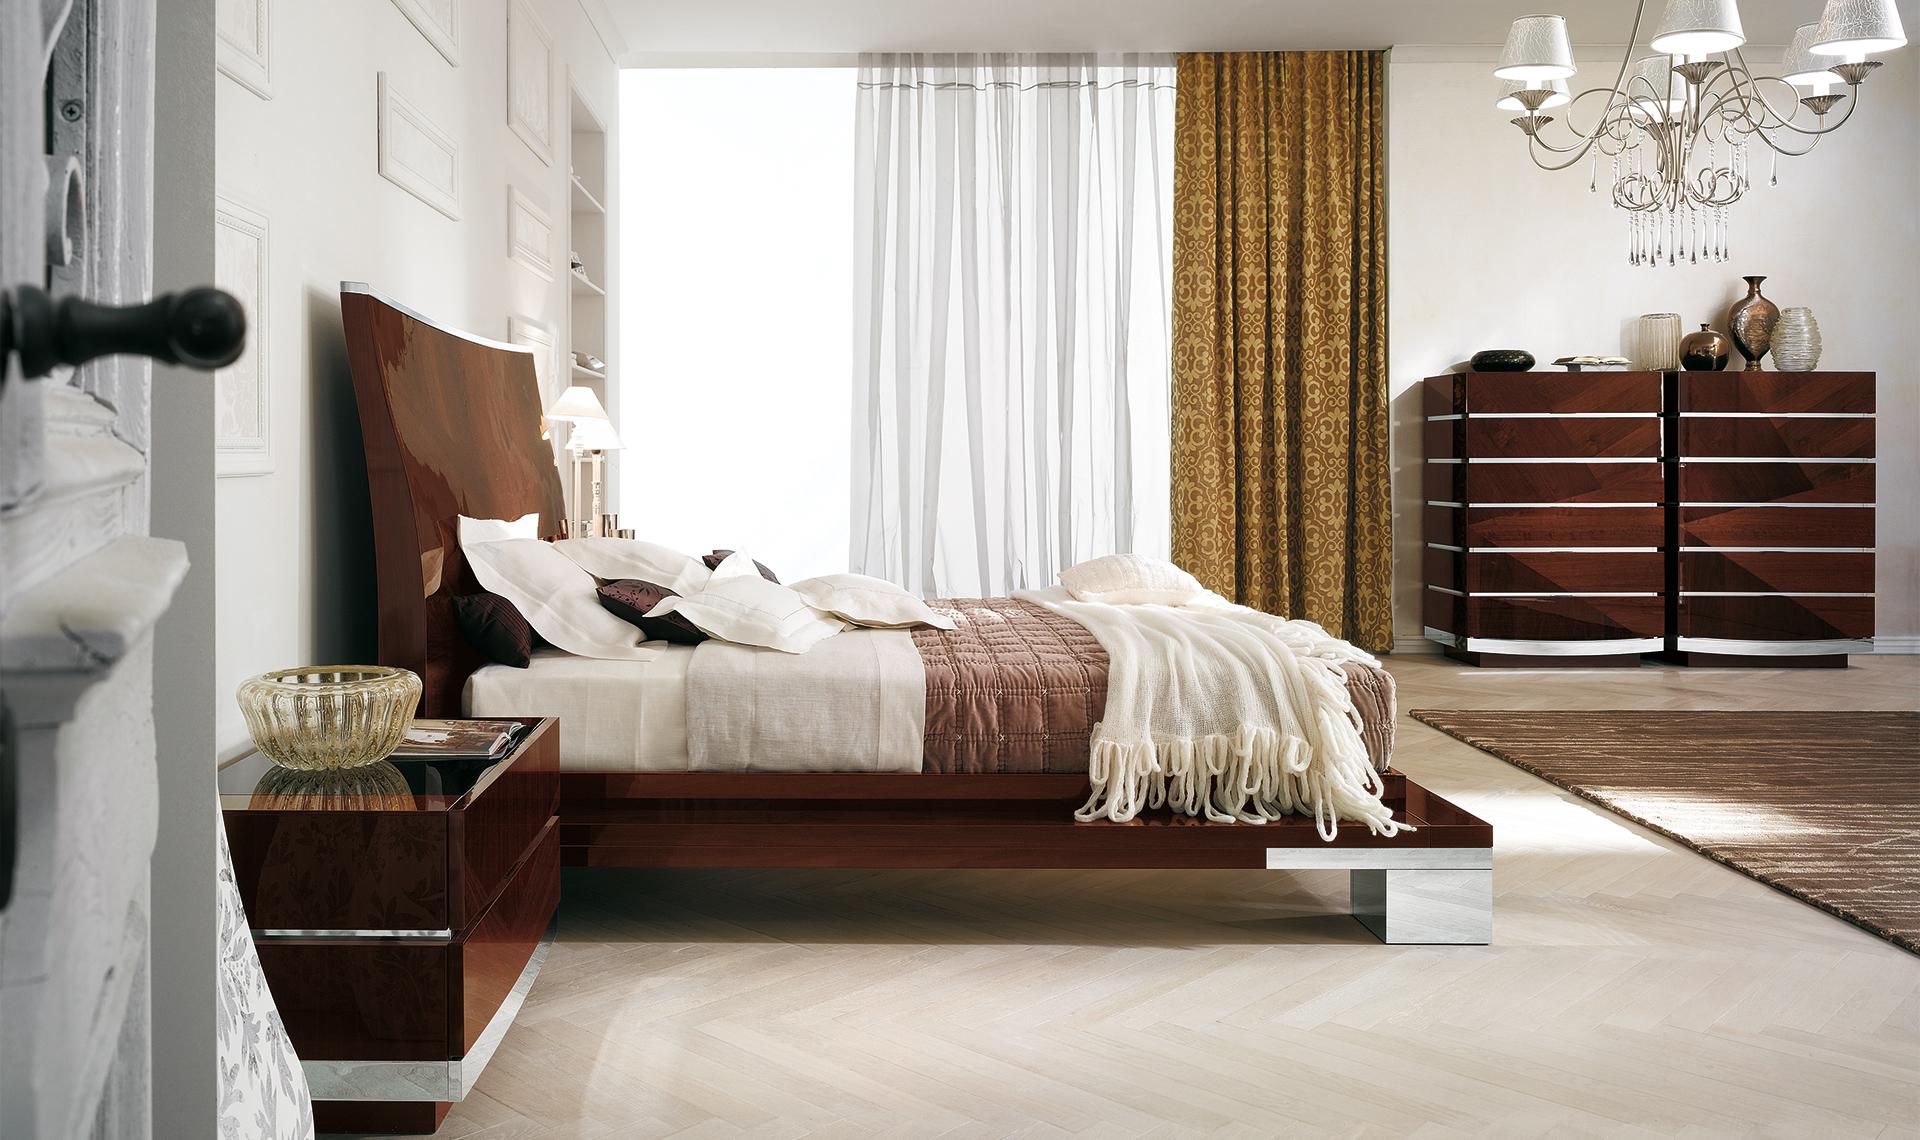 Garda Bedroom Side view